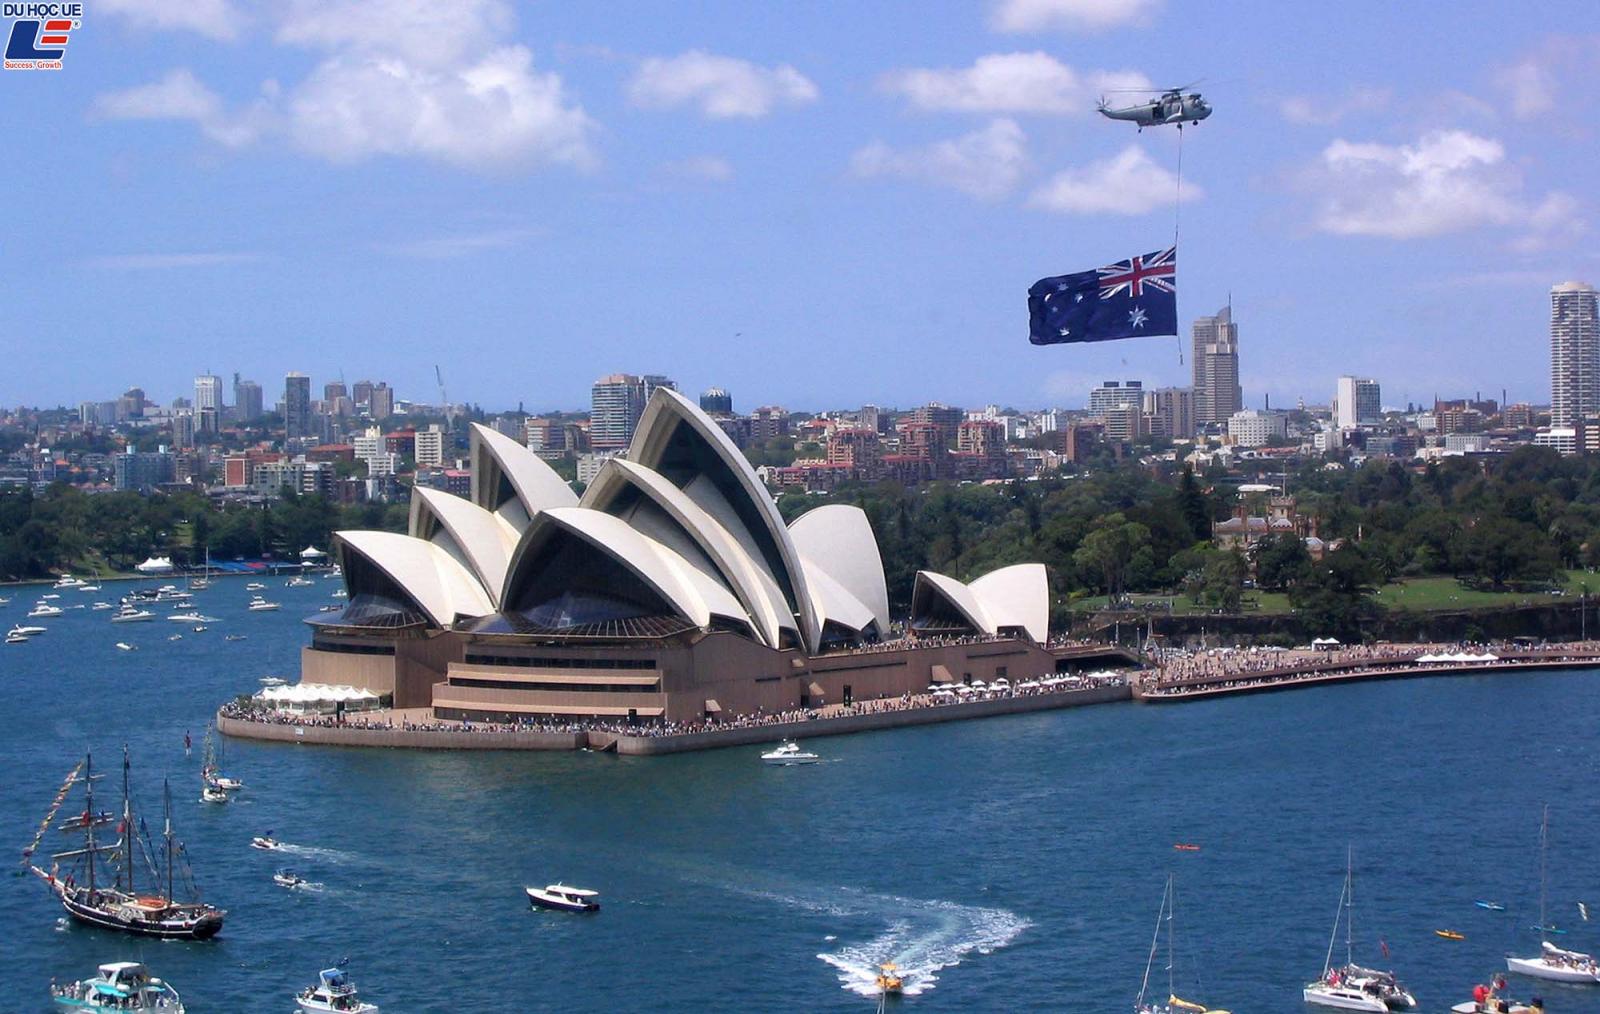 Cẩm nang du học 2019 - Những kiến thức chung nhất về nước Úc